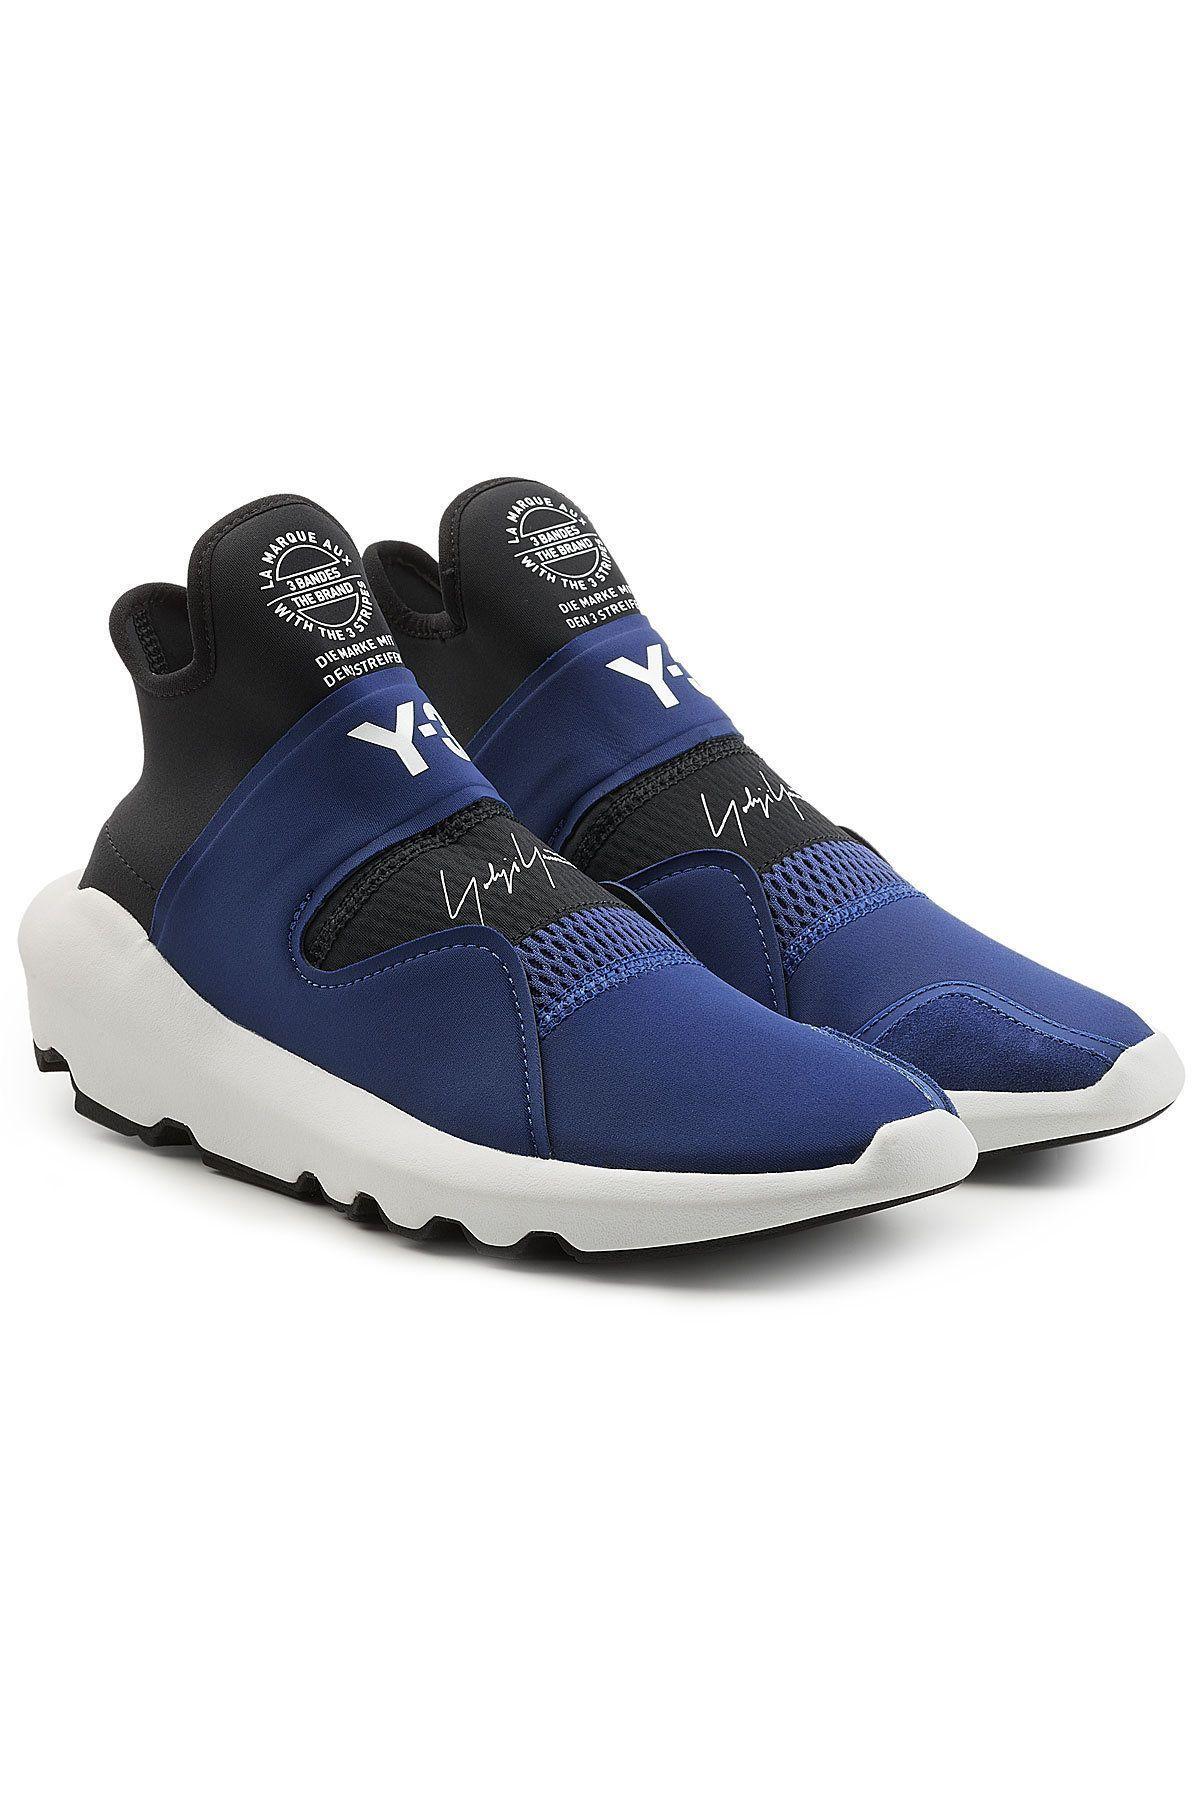 adidas y 3 suberou scarpe con le scarpe adidasy 3